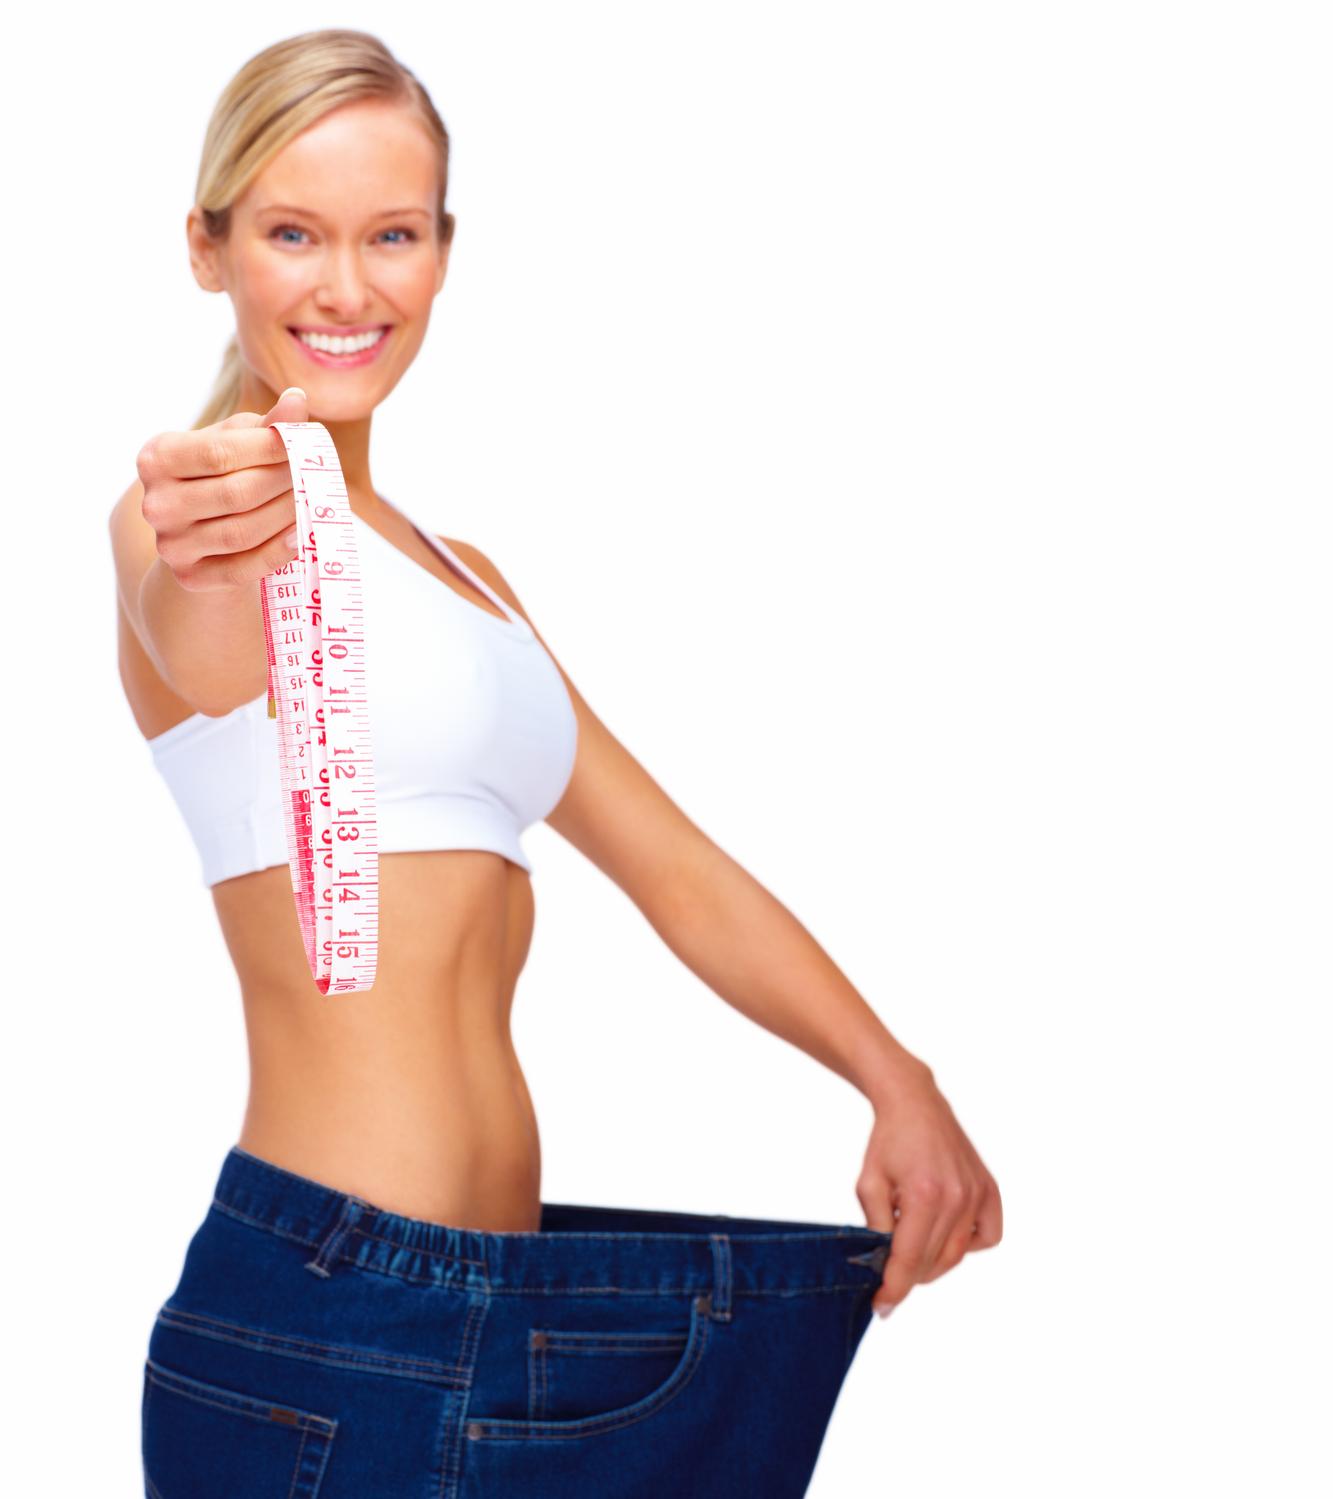 Weightloss-Concept